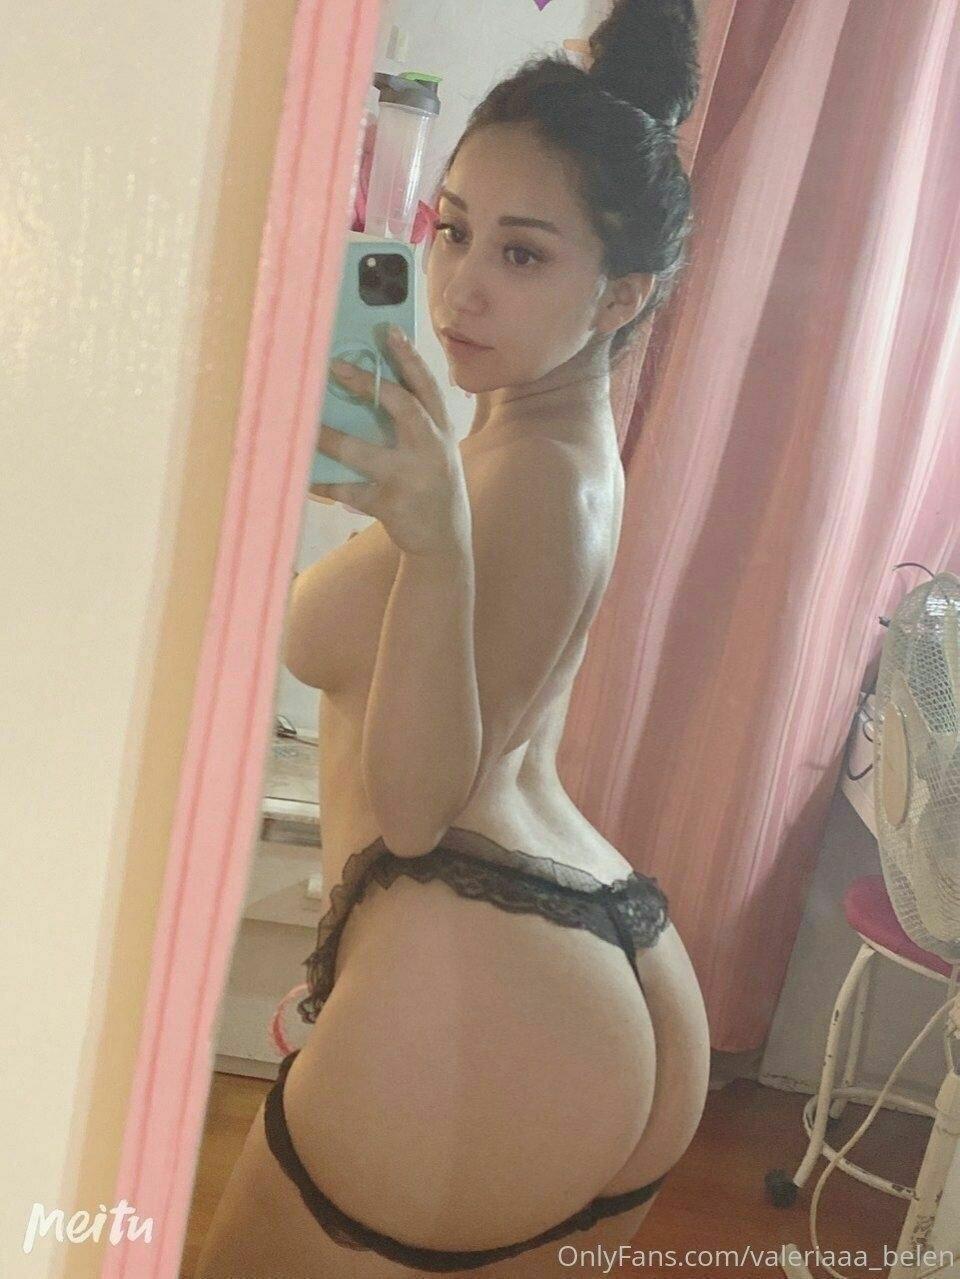 fotos de porno amateurs, chicas culos, coños, vaginas, imagenes xxx